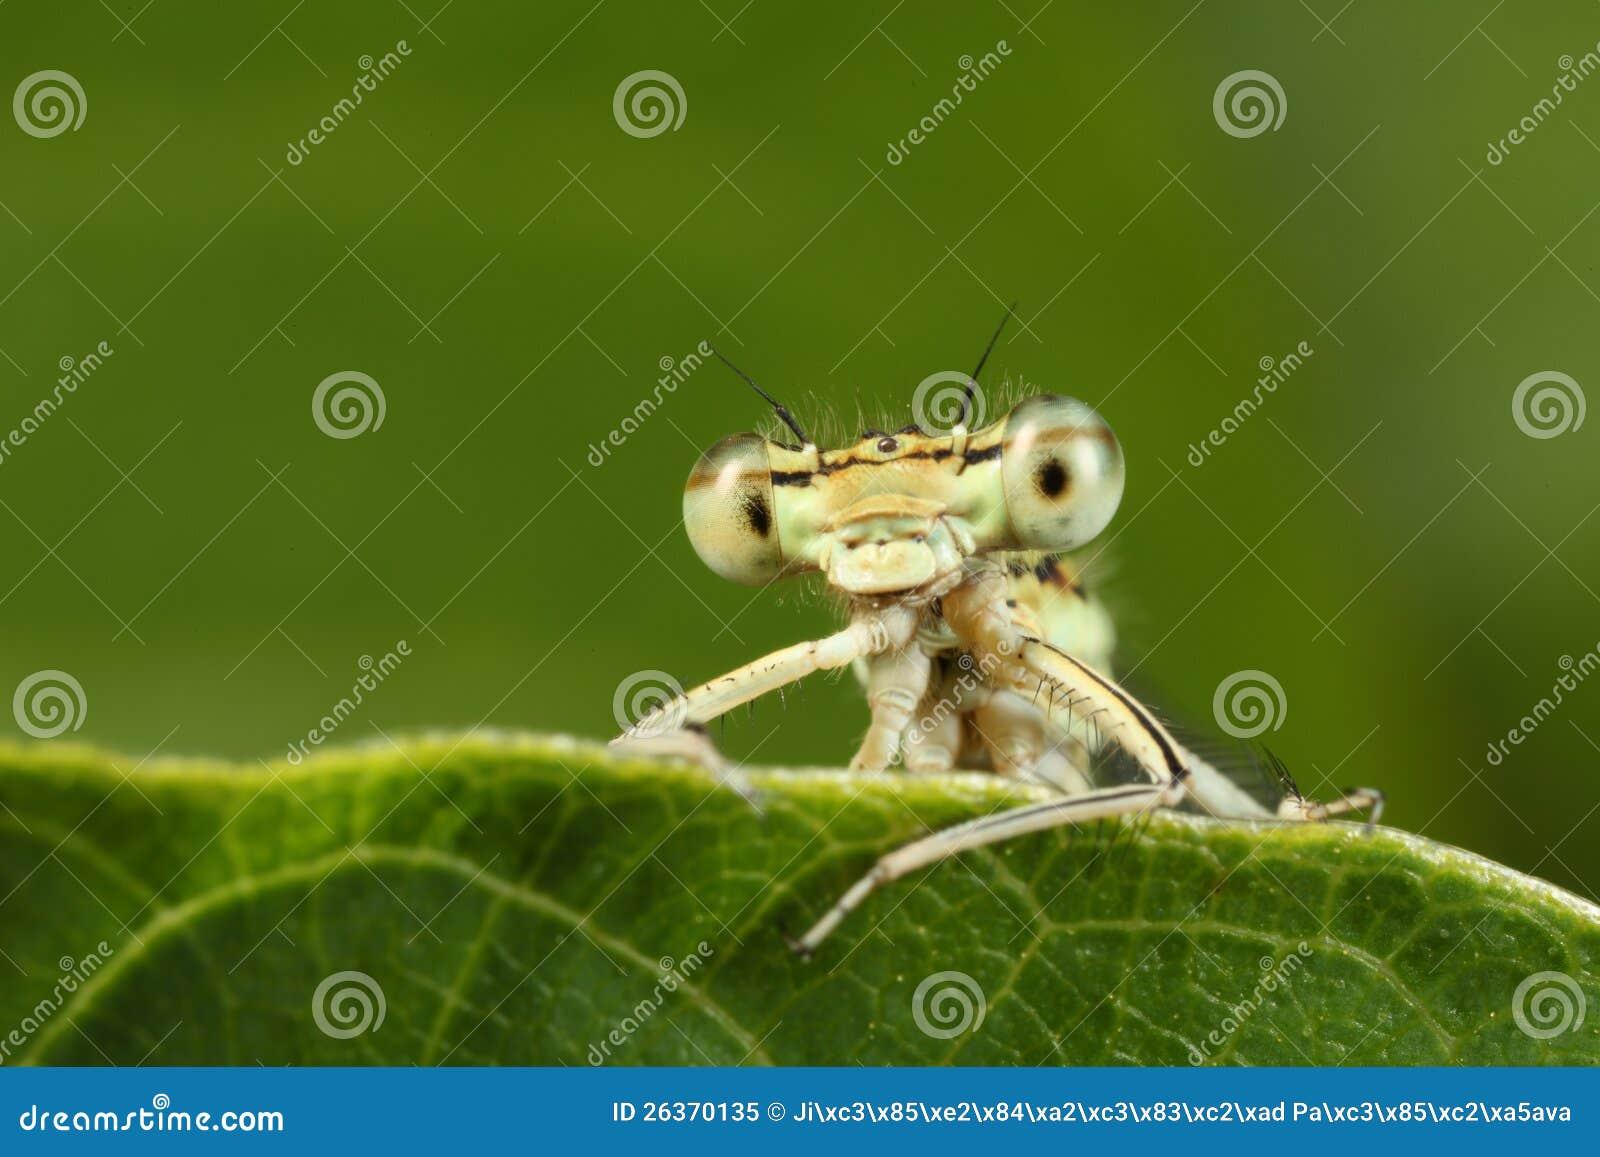 Detail der gelben Libelle